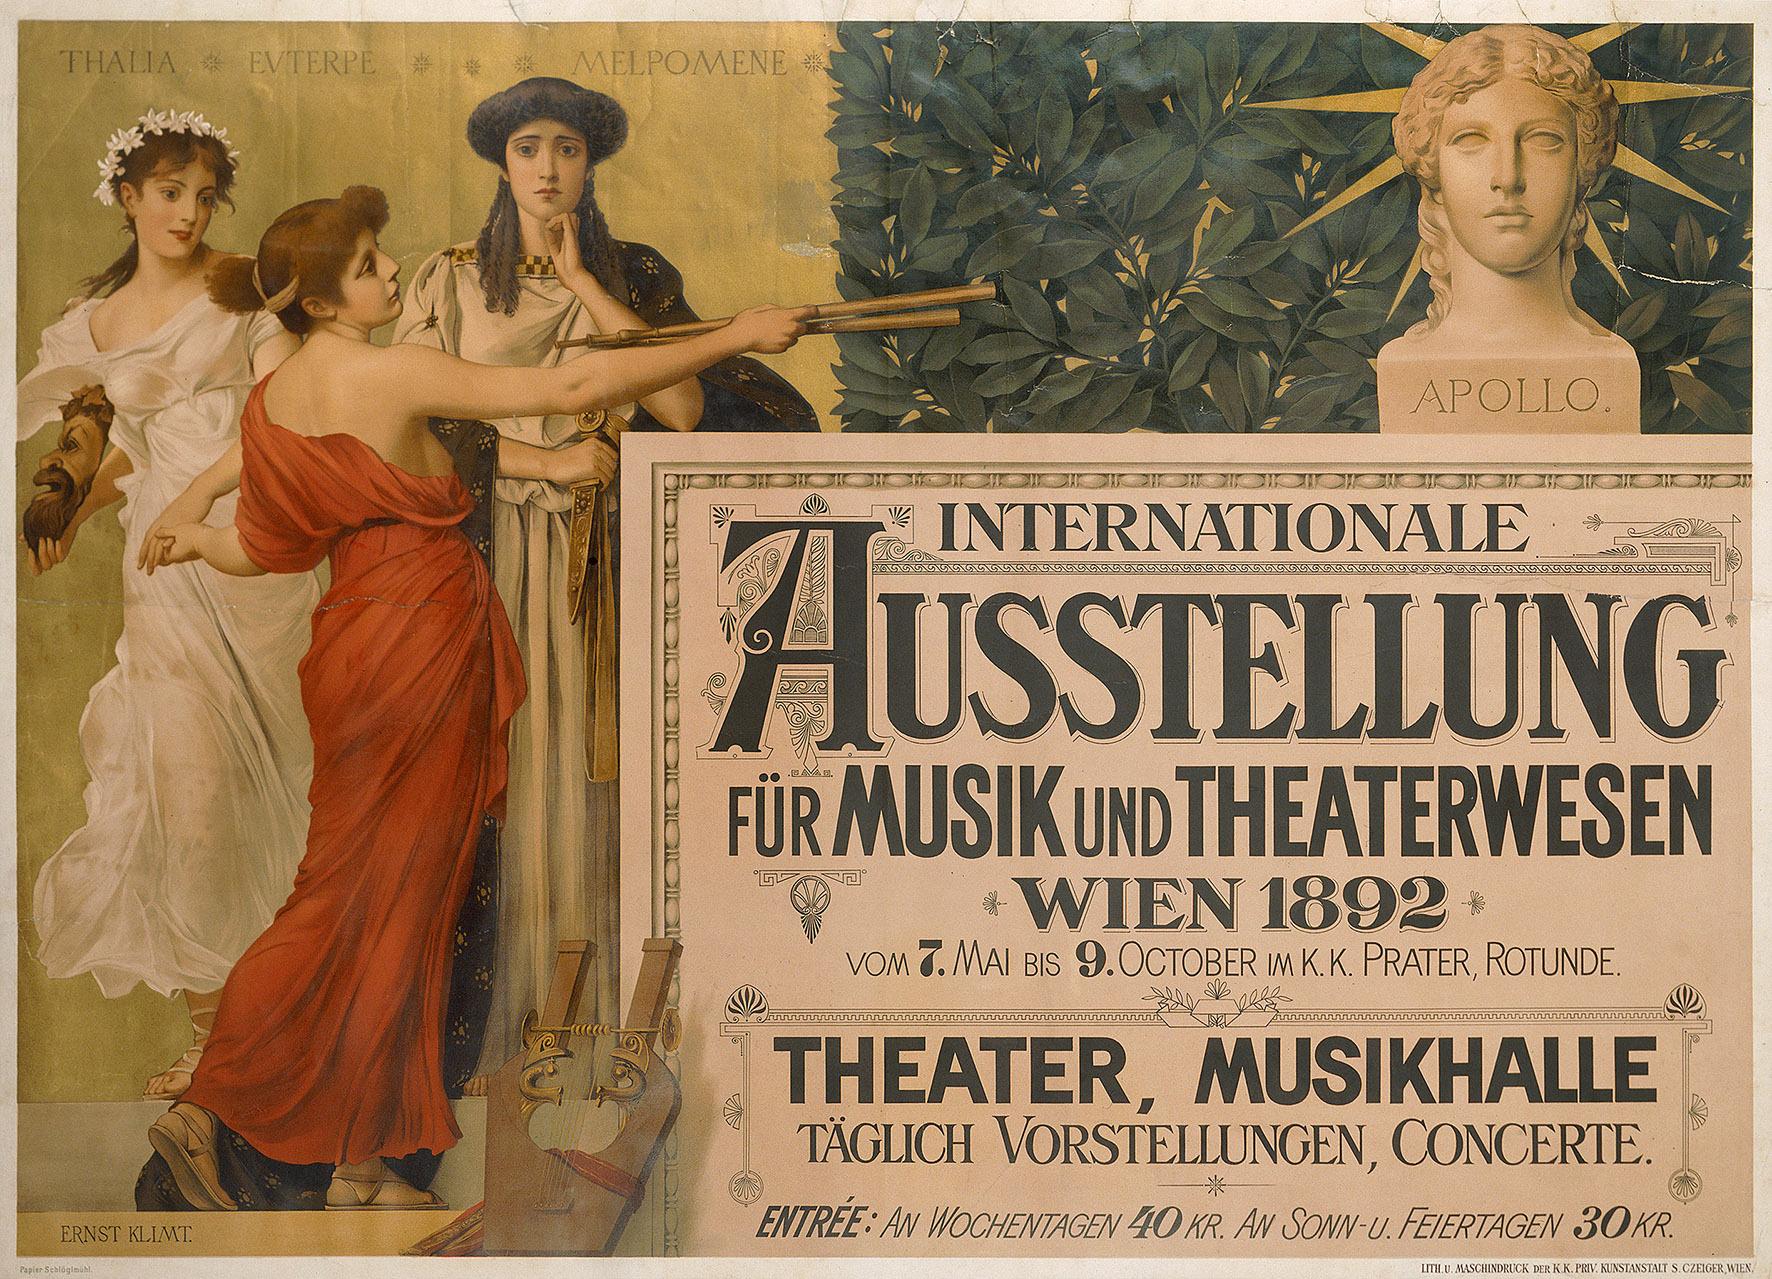 Internationale Ausstellung für Musik und Theaterwesen von Ernst Klimt